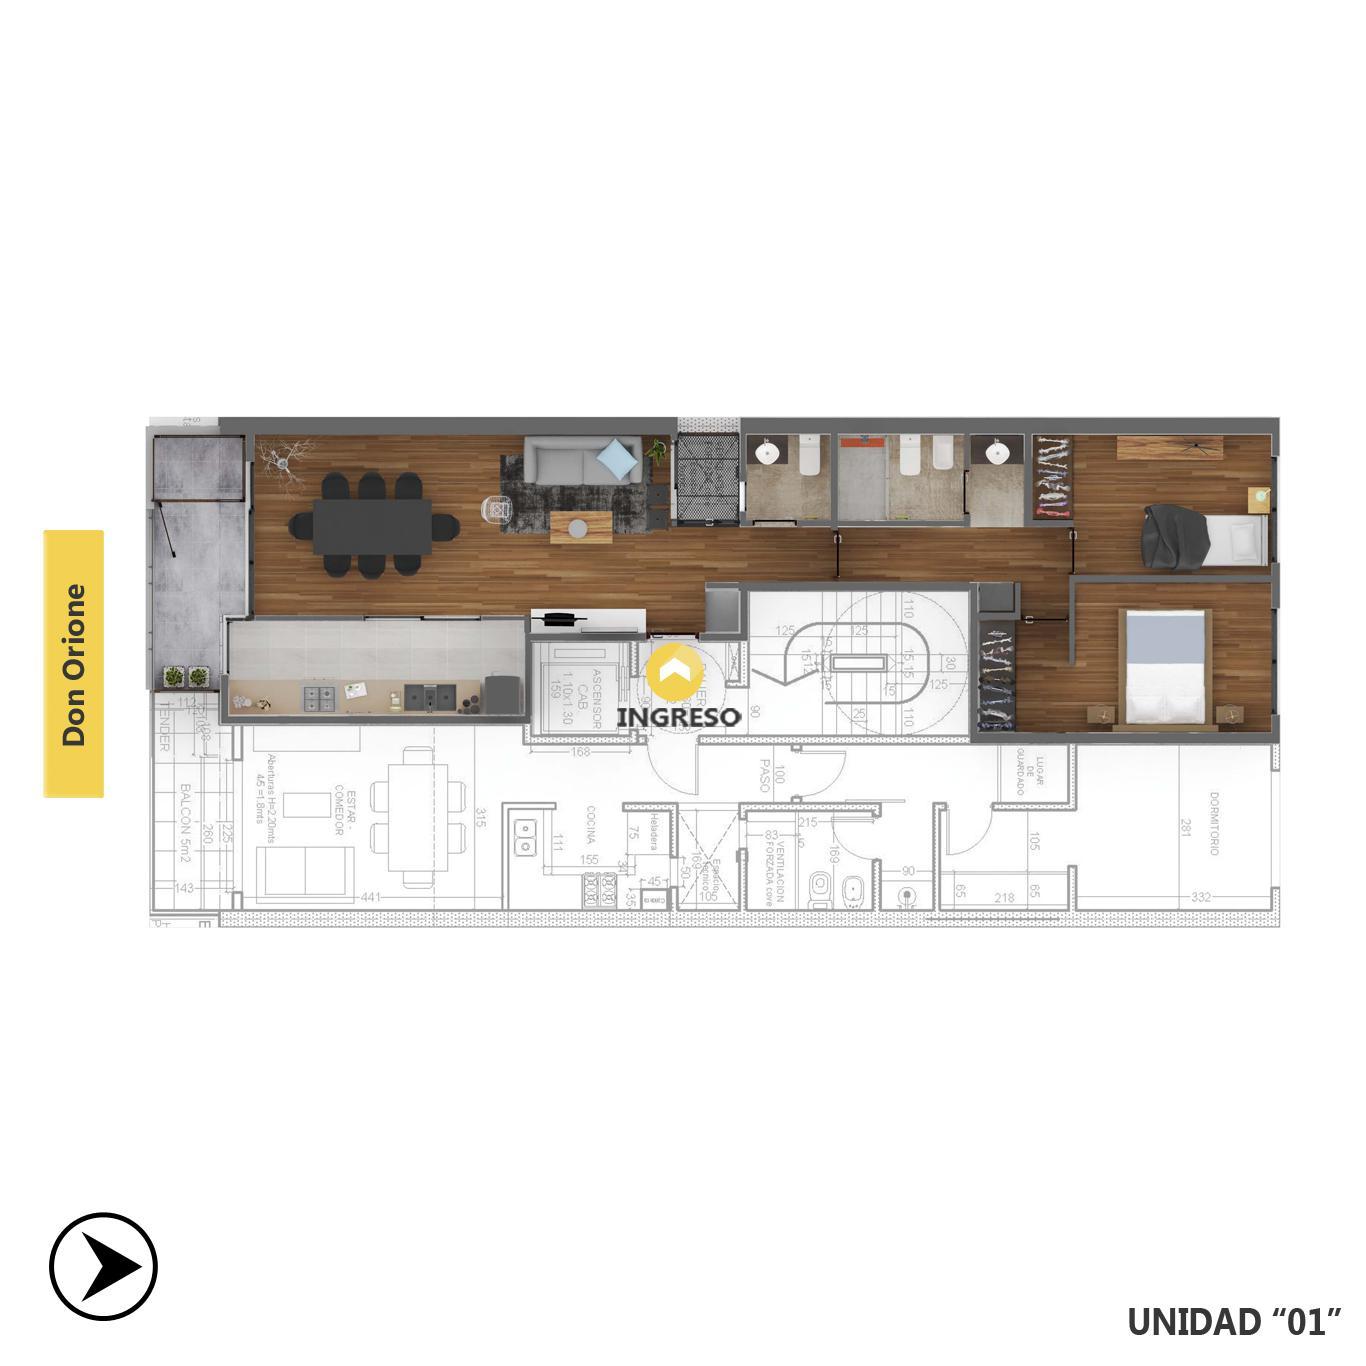 Venta departamento 2 dormitorios Rosario, Puerto Norte. Cod CBU23612 AP2220154. Crestale Propiedades